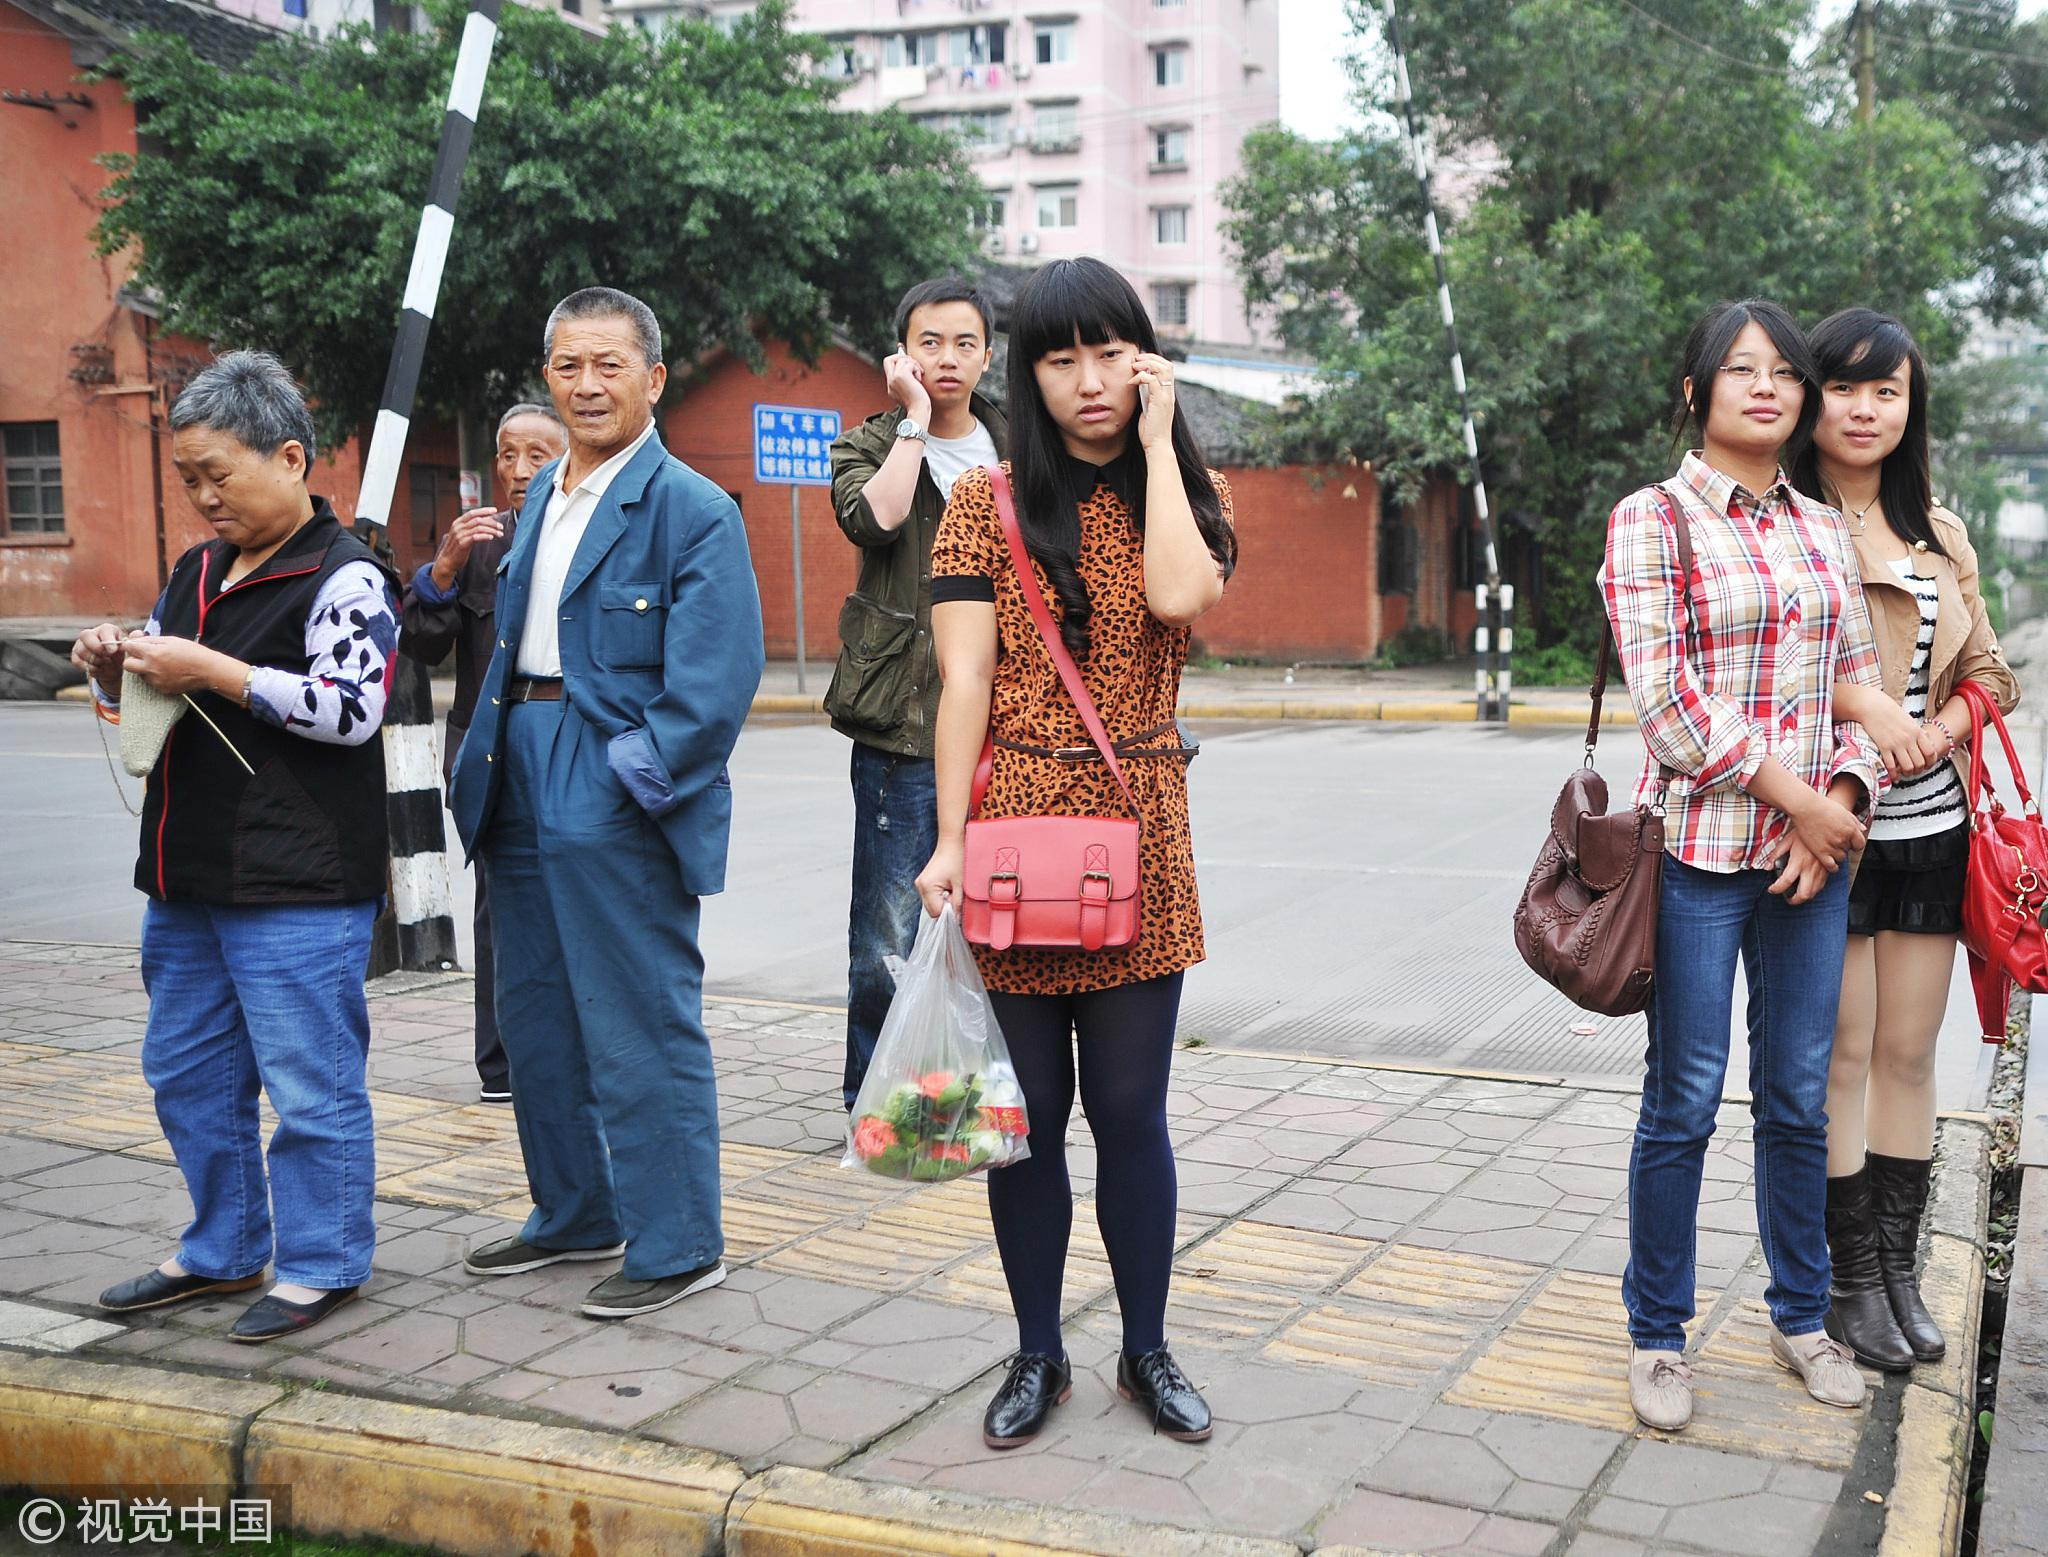 四川自贡,当地居民普通的生活/视觉中国